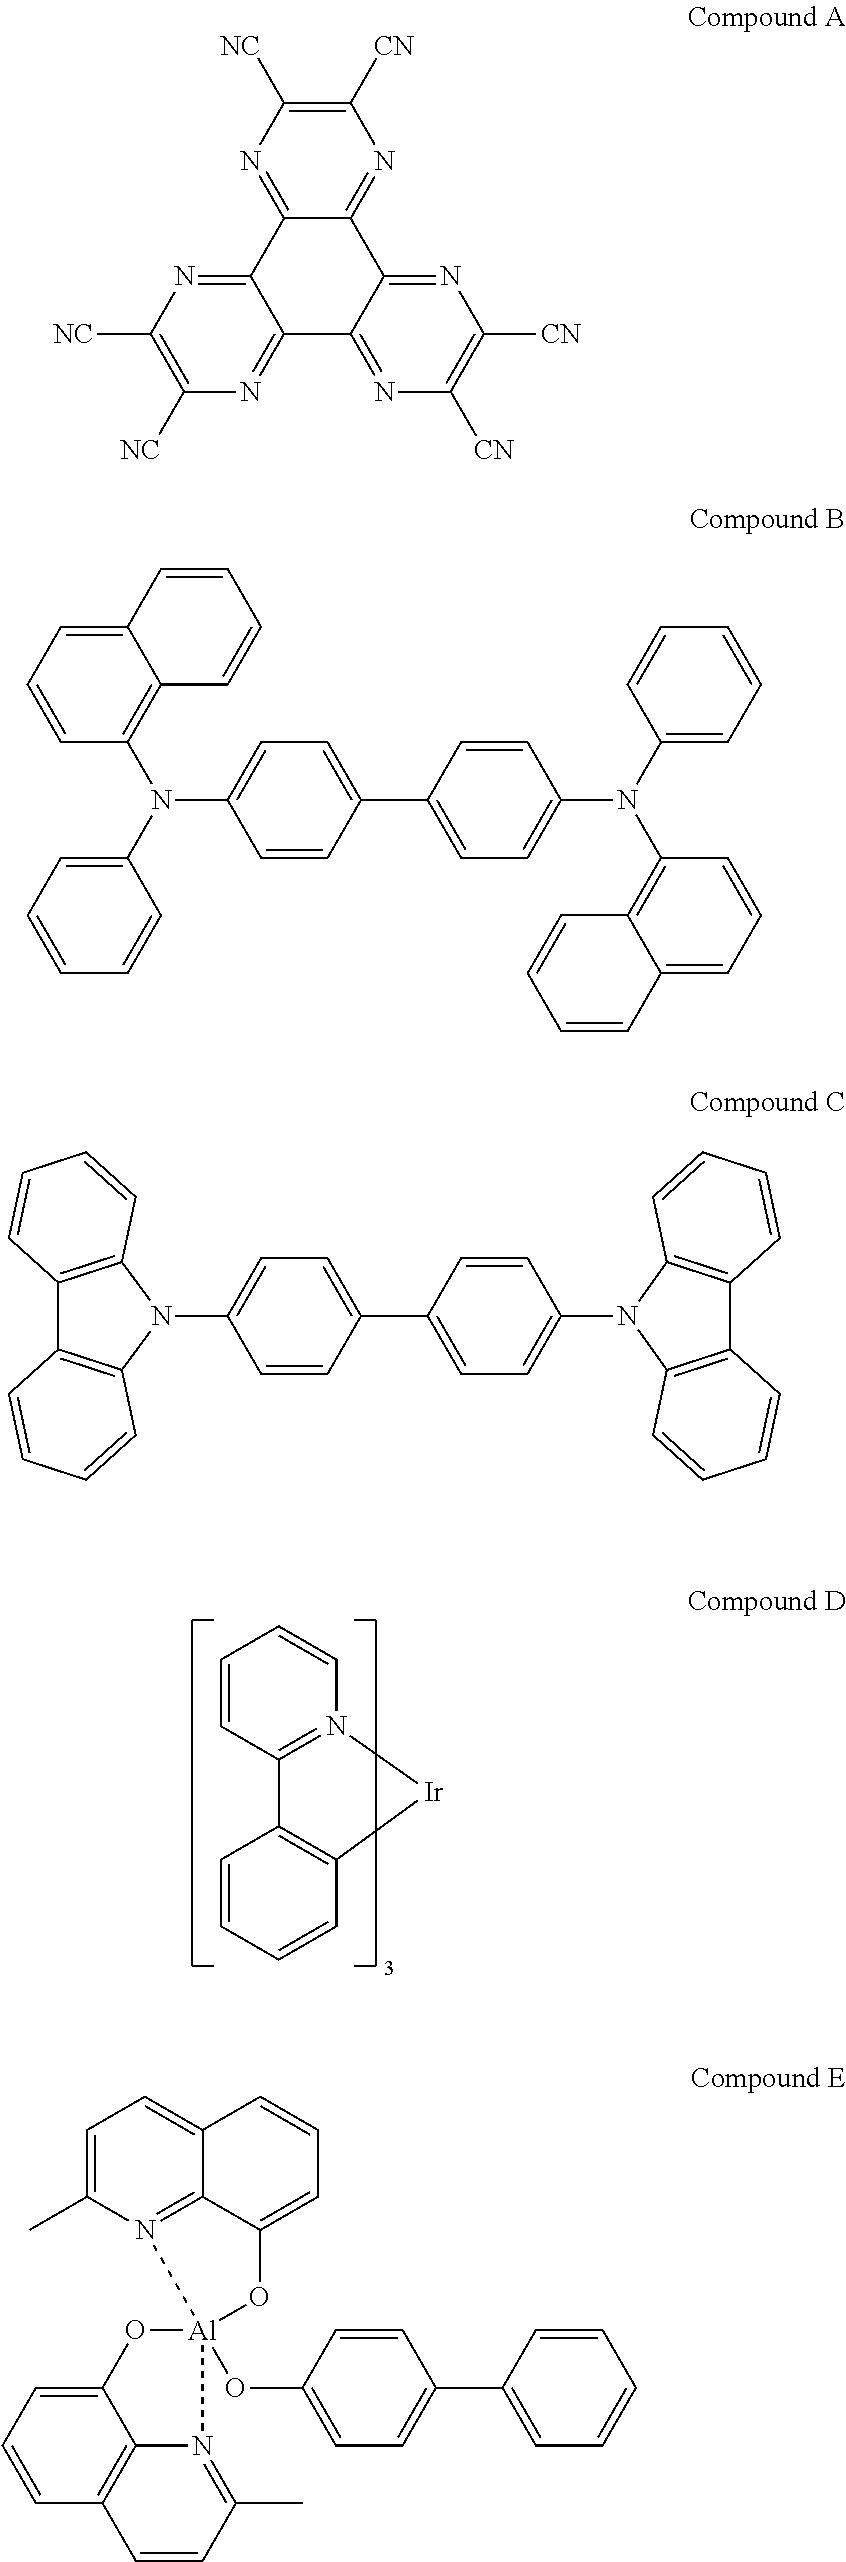 Figure US20150111330A1-20150423-C00002